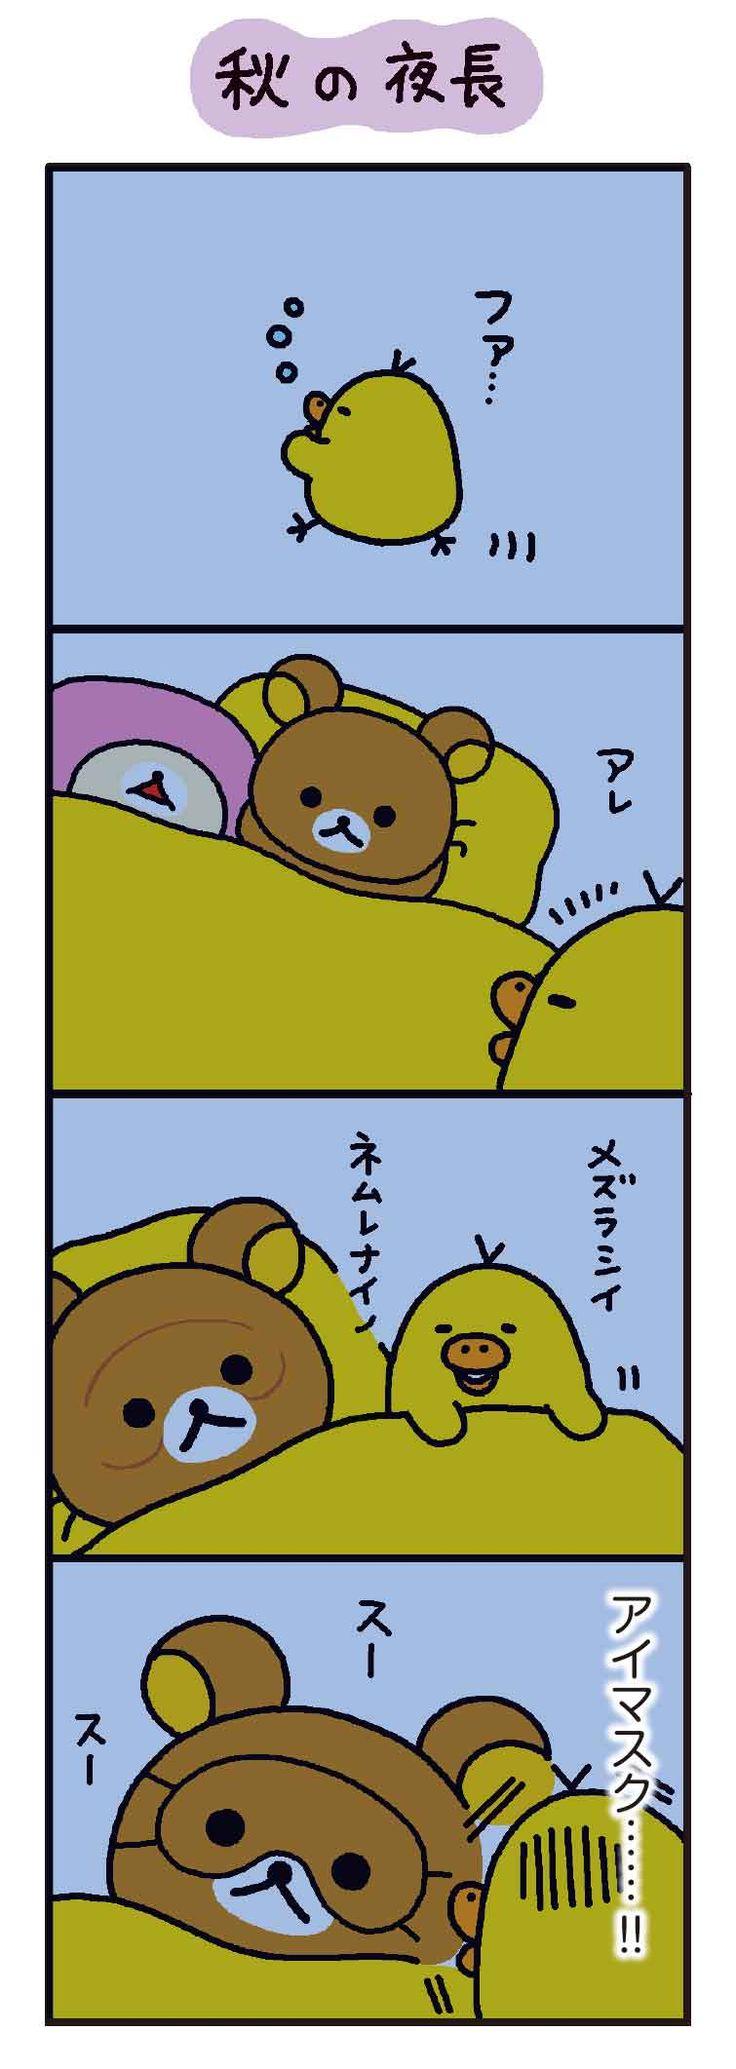 リラックマ 4クママンガ   秋の夜長   無料で読める漫画・4コマサイト   パチクリ!